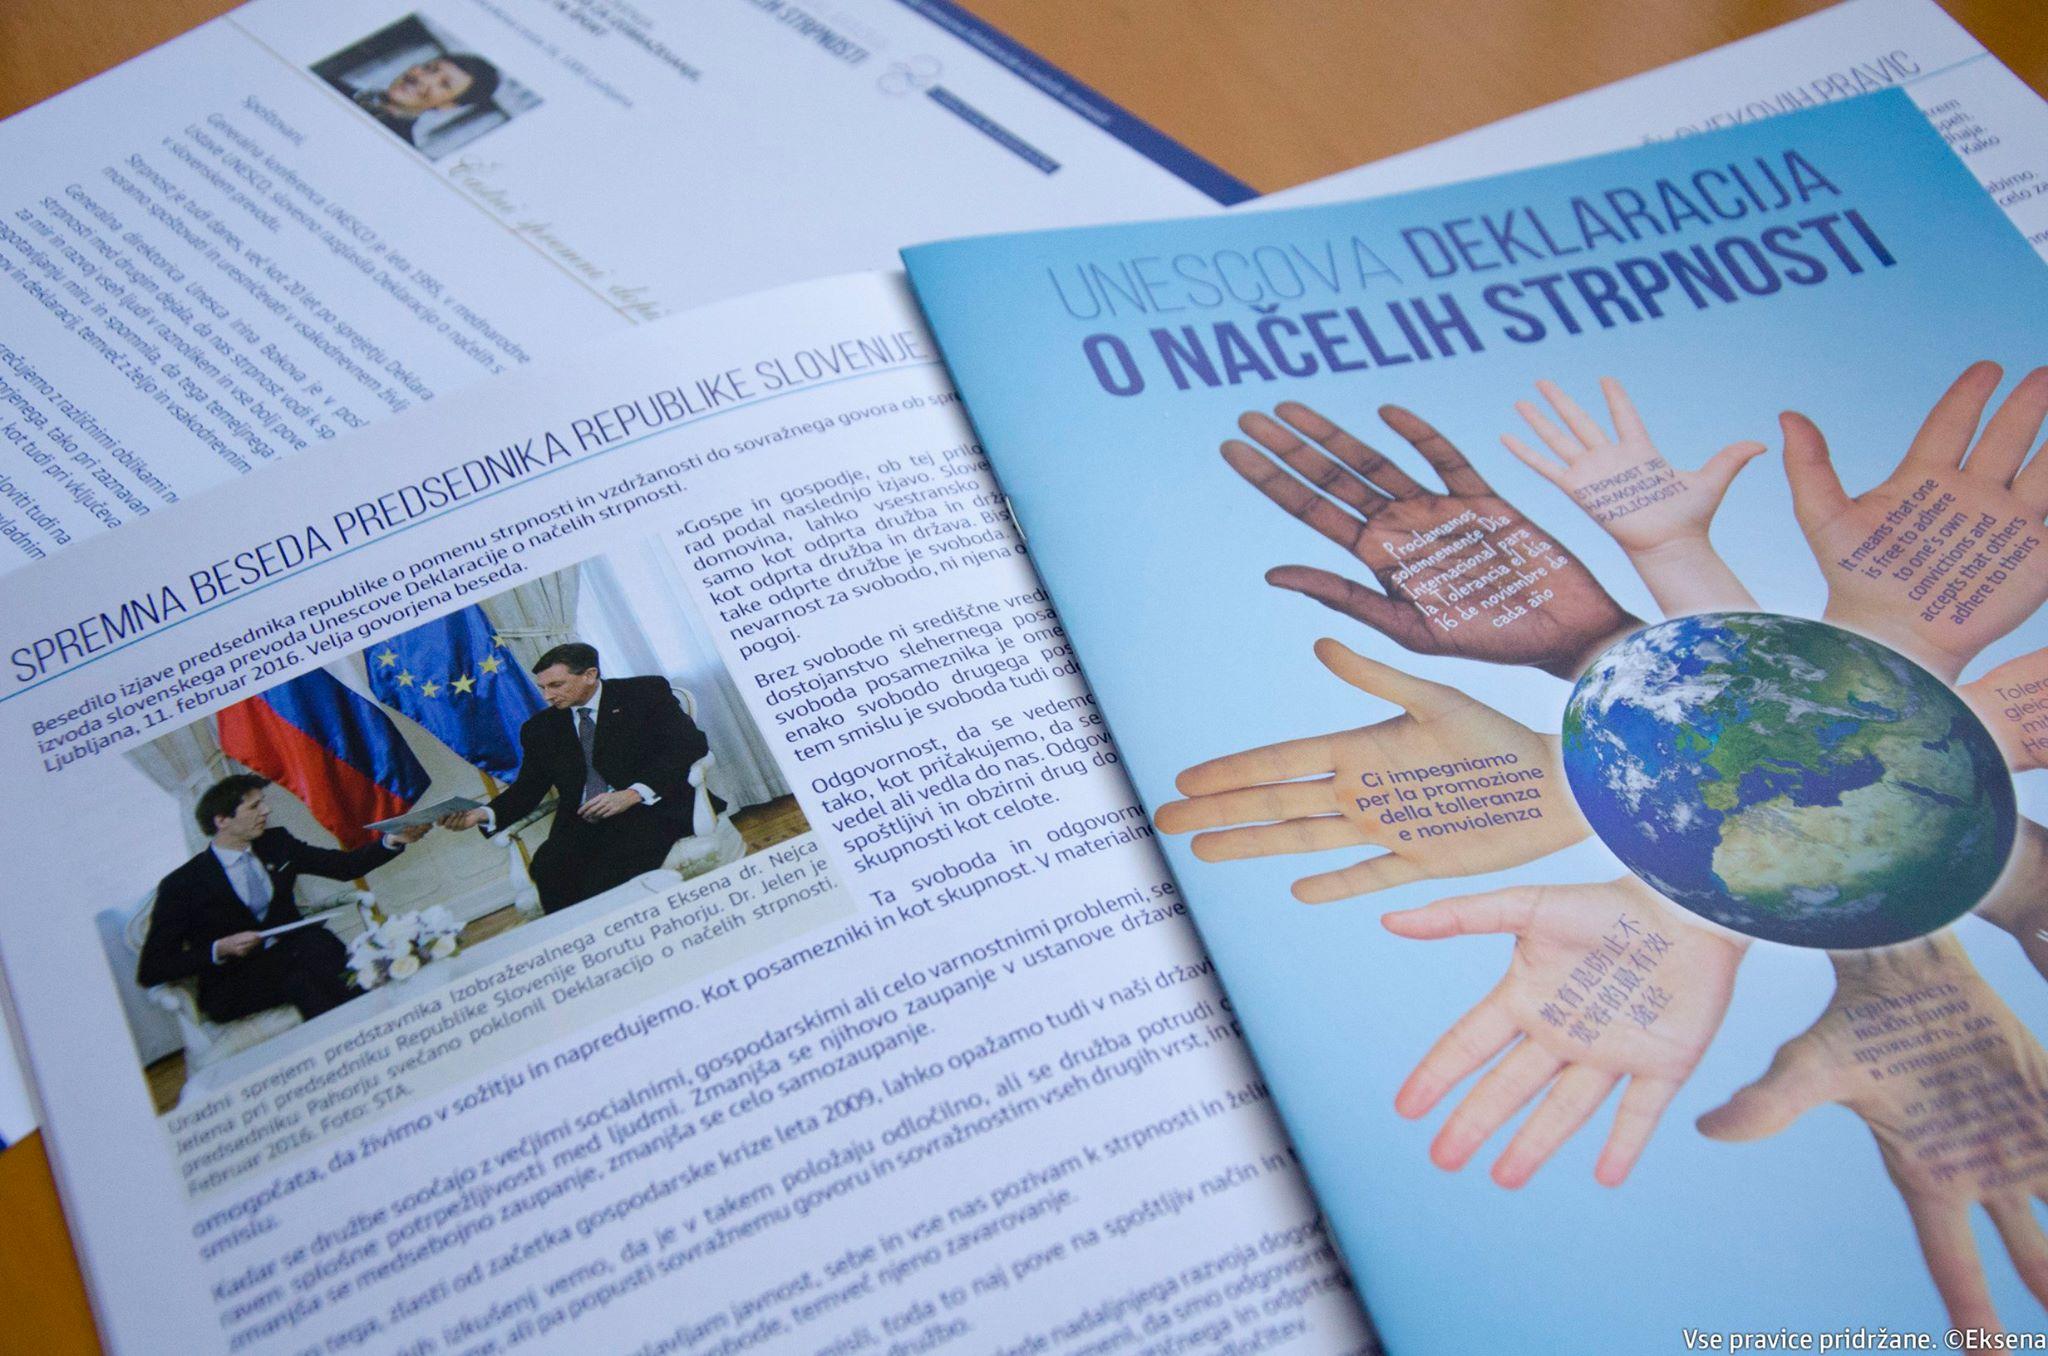 Deklaracija o načelih strpnosti 1100 izvodov eksena